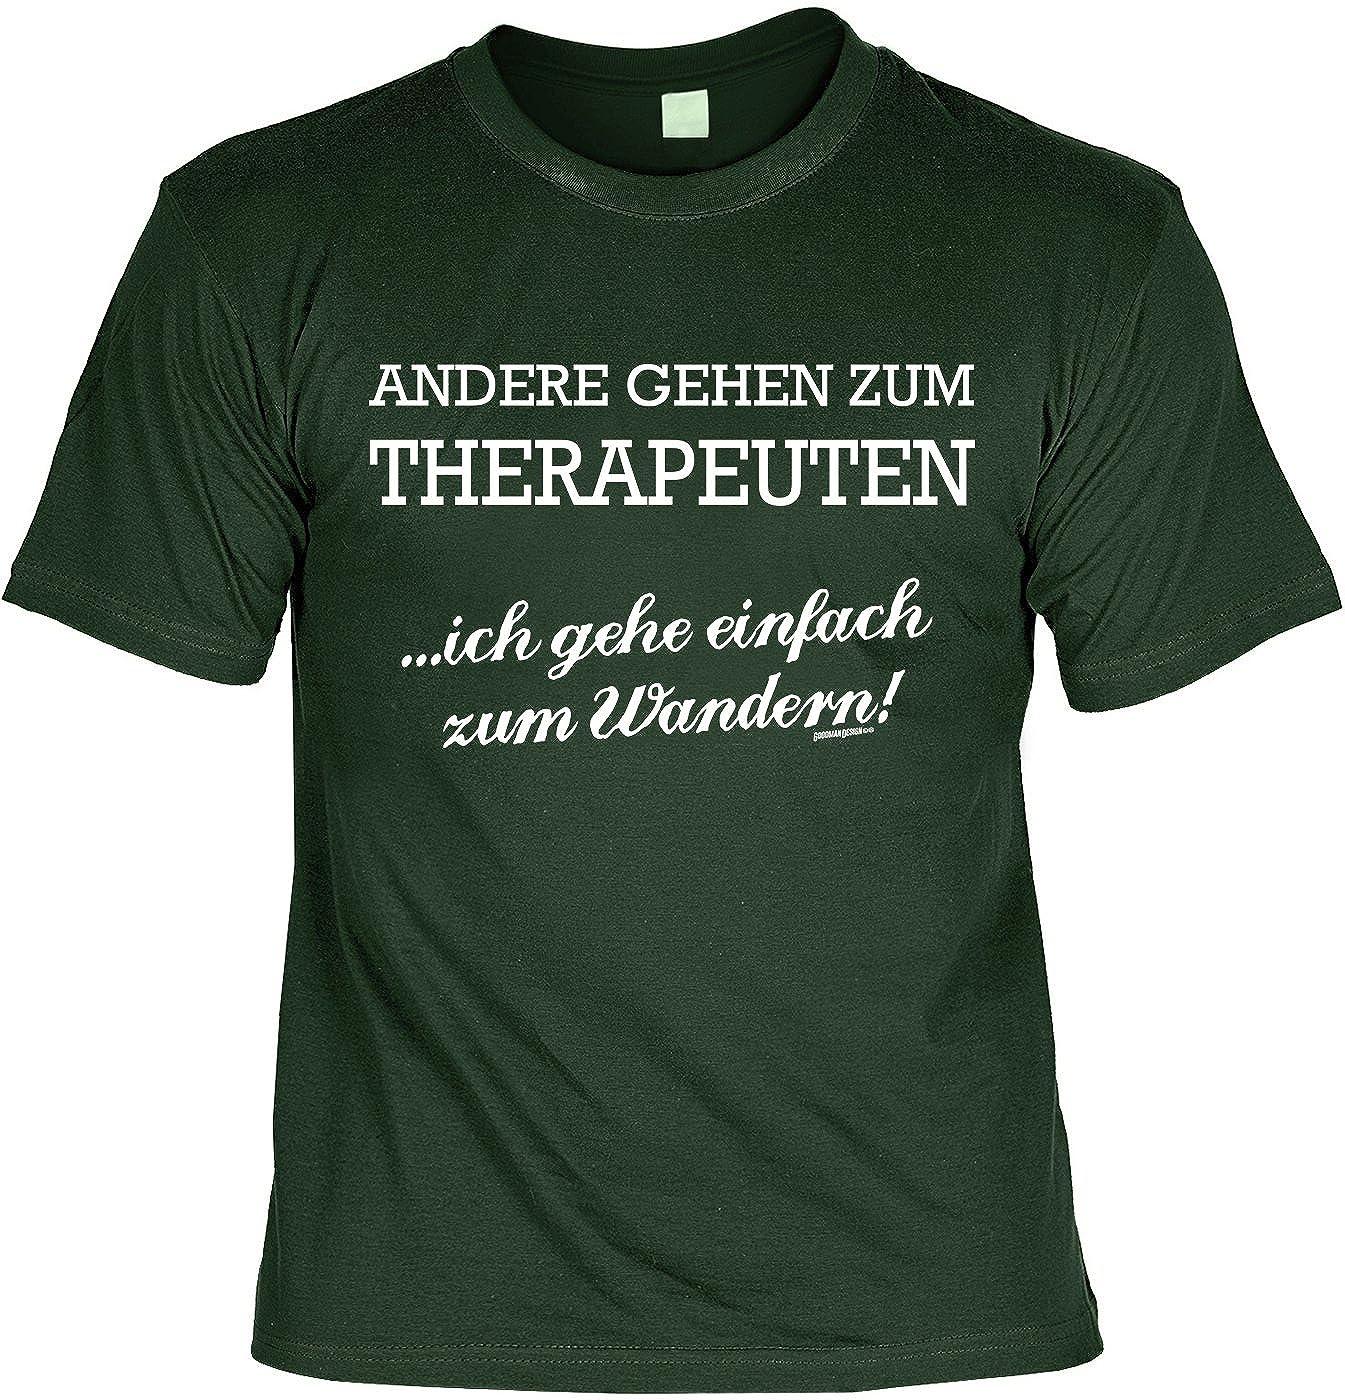 Lustige Sprüche Fun Tshirt Andere Gehen Zum Therapeuten